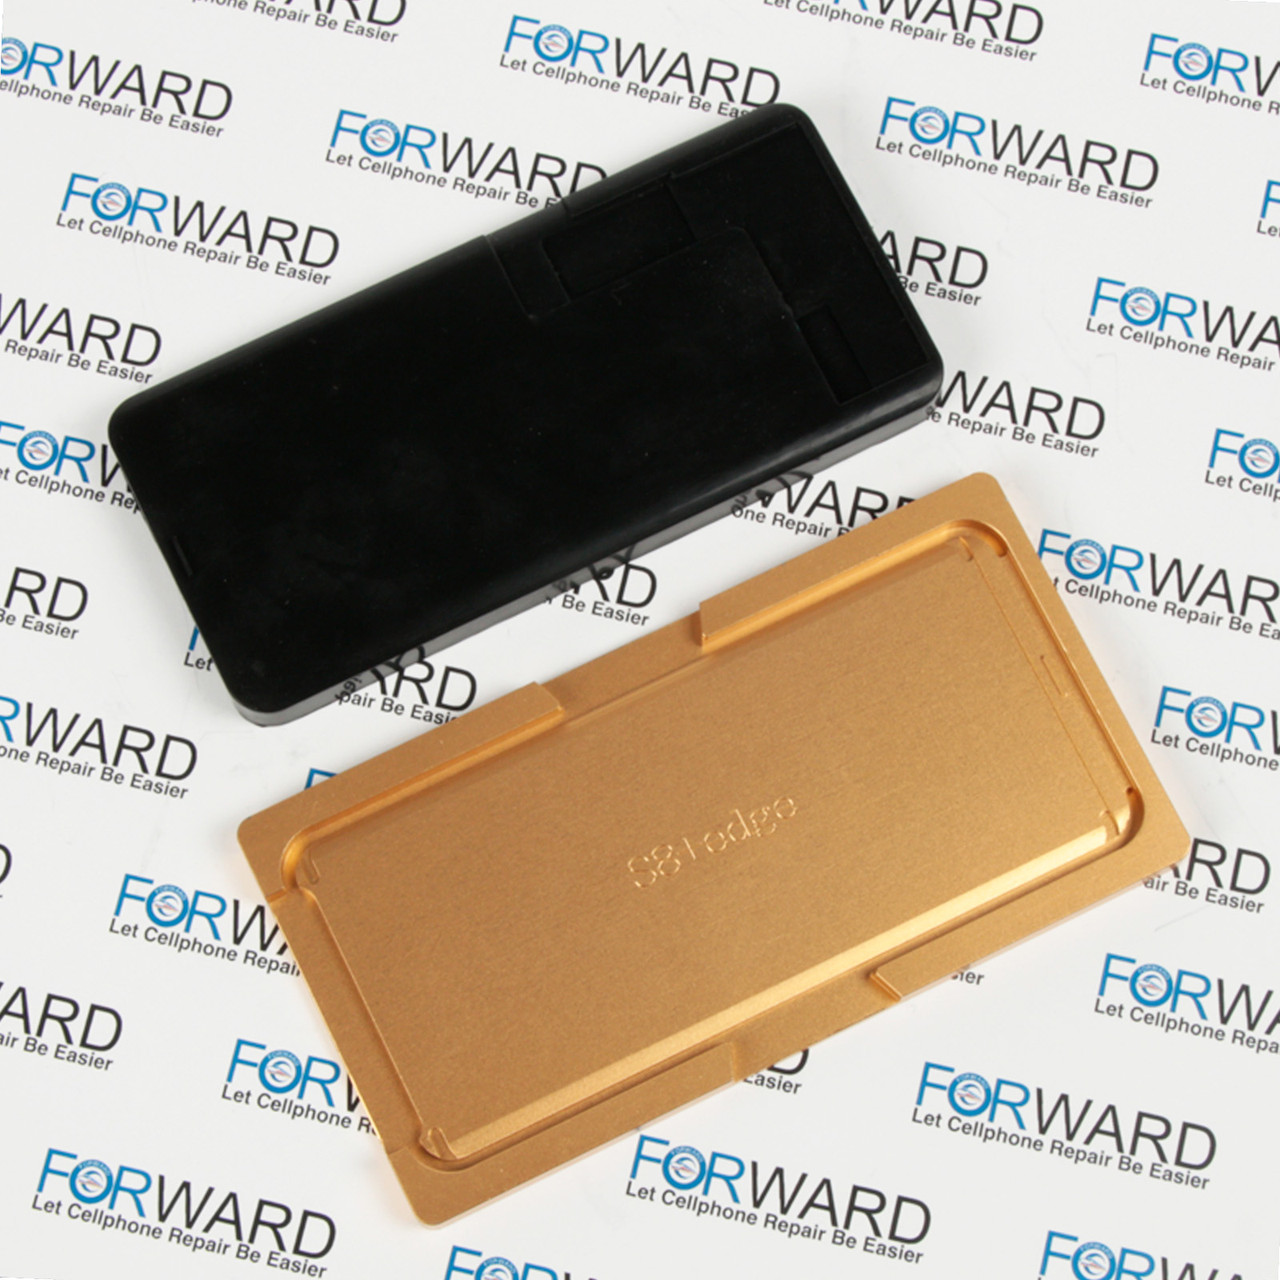 Формы для фиксации дисплея  Samsung Galaxy S8+, G955F (EDGE) алюминиевая и резиновая